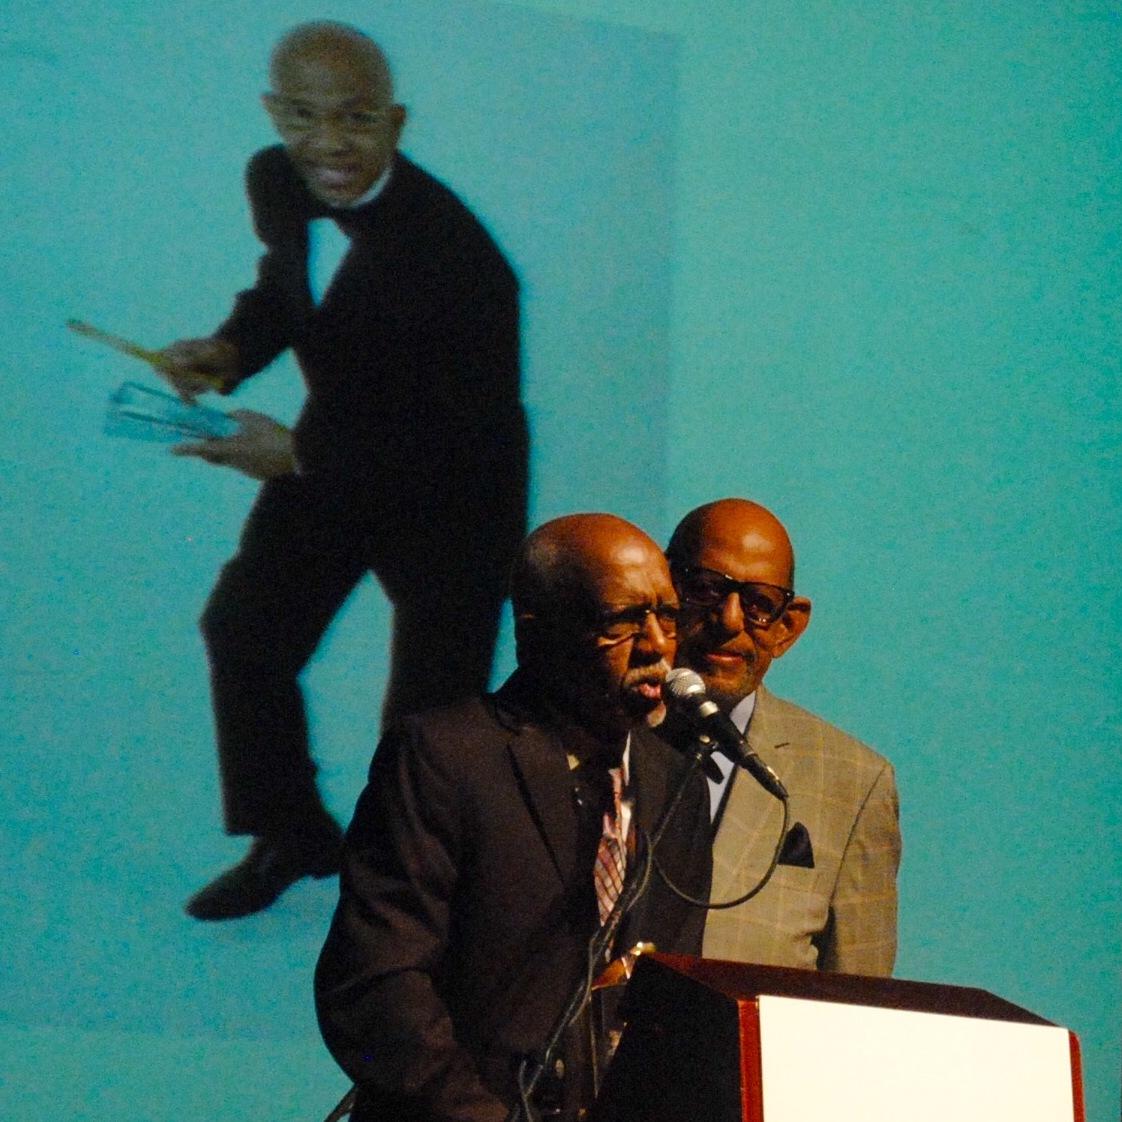 Roberto Roena fue presentado por Willie Rosario. (Foto Jaime Torres Torres para Fundación Nacional para la Cultura Popular)